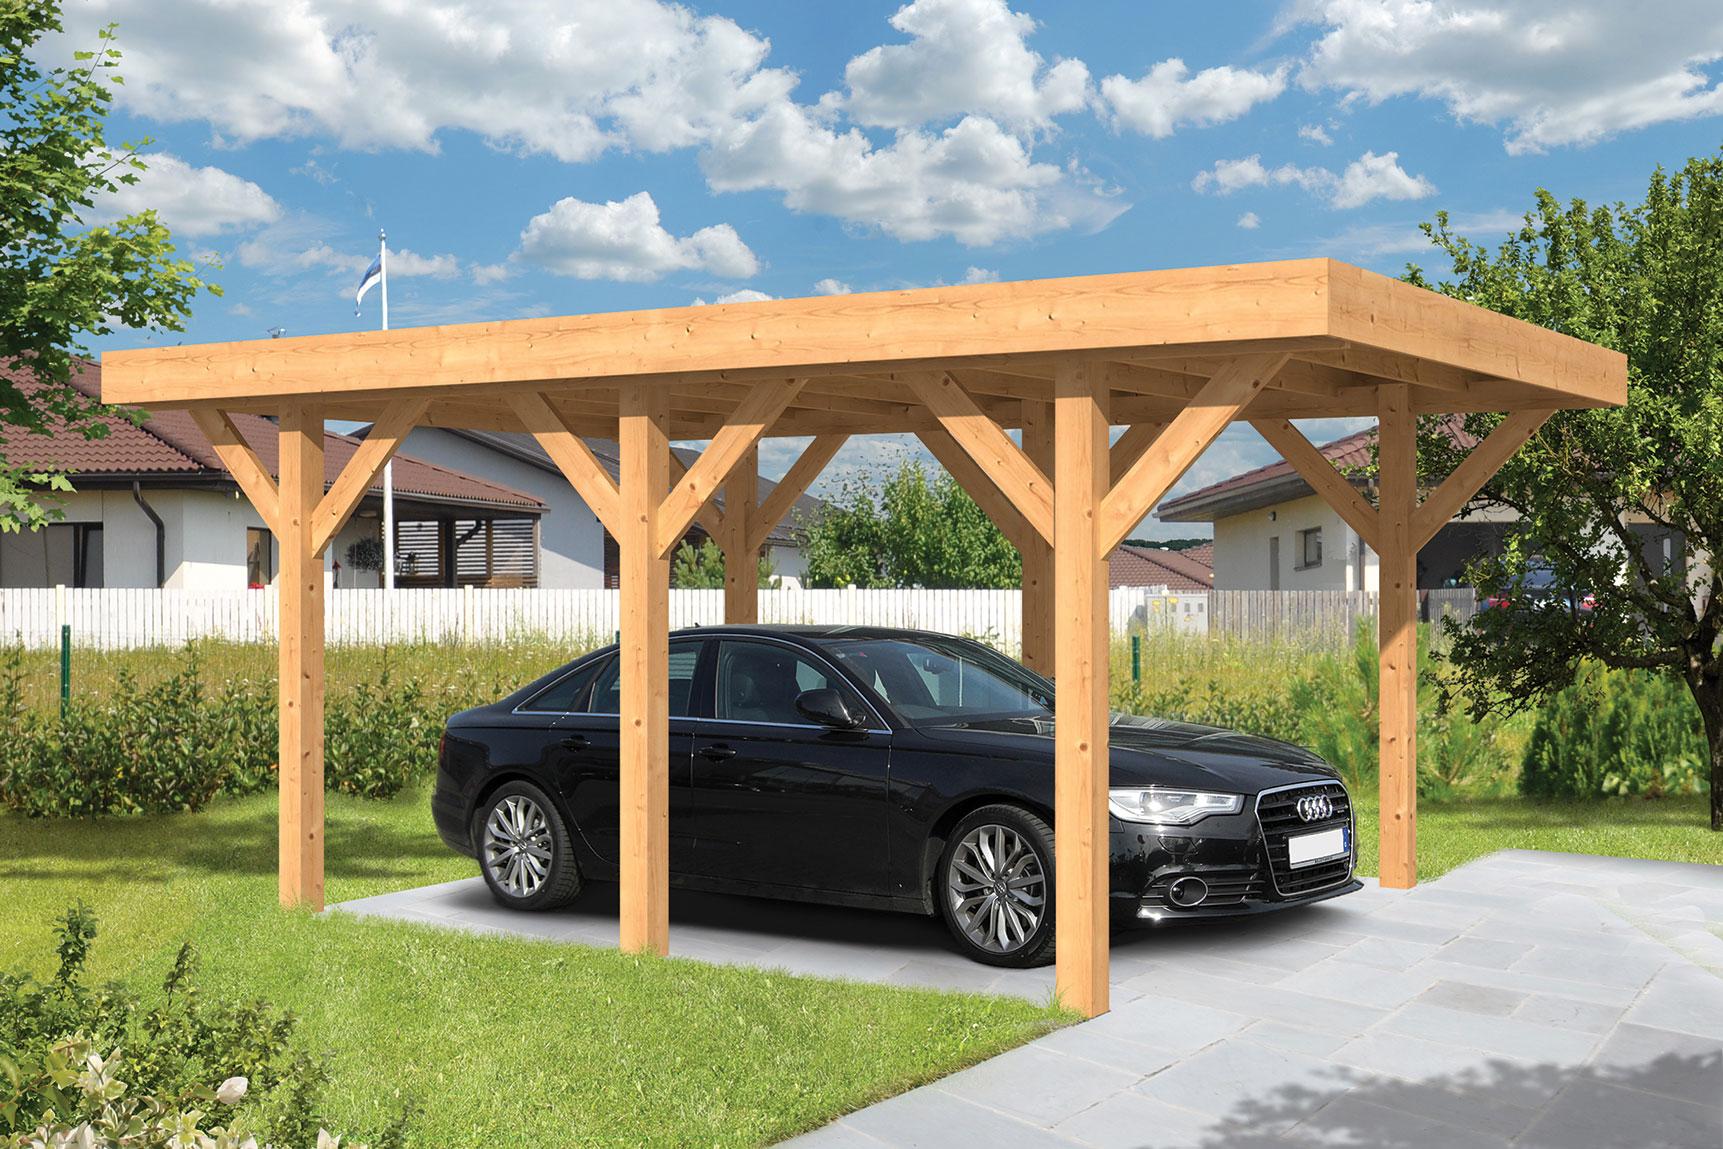 Houten Carport Bouwen Tips - Overkapping voor auto maken